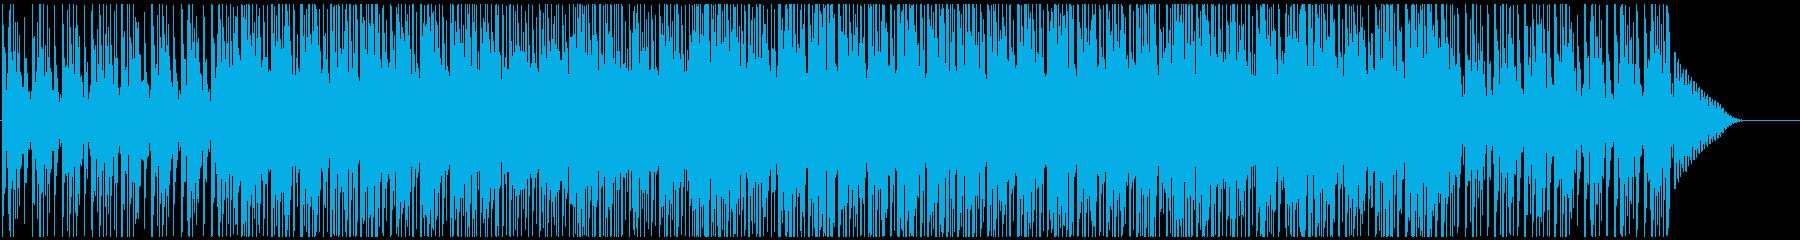 温かいテクノロジー系の再生済みの波形